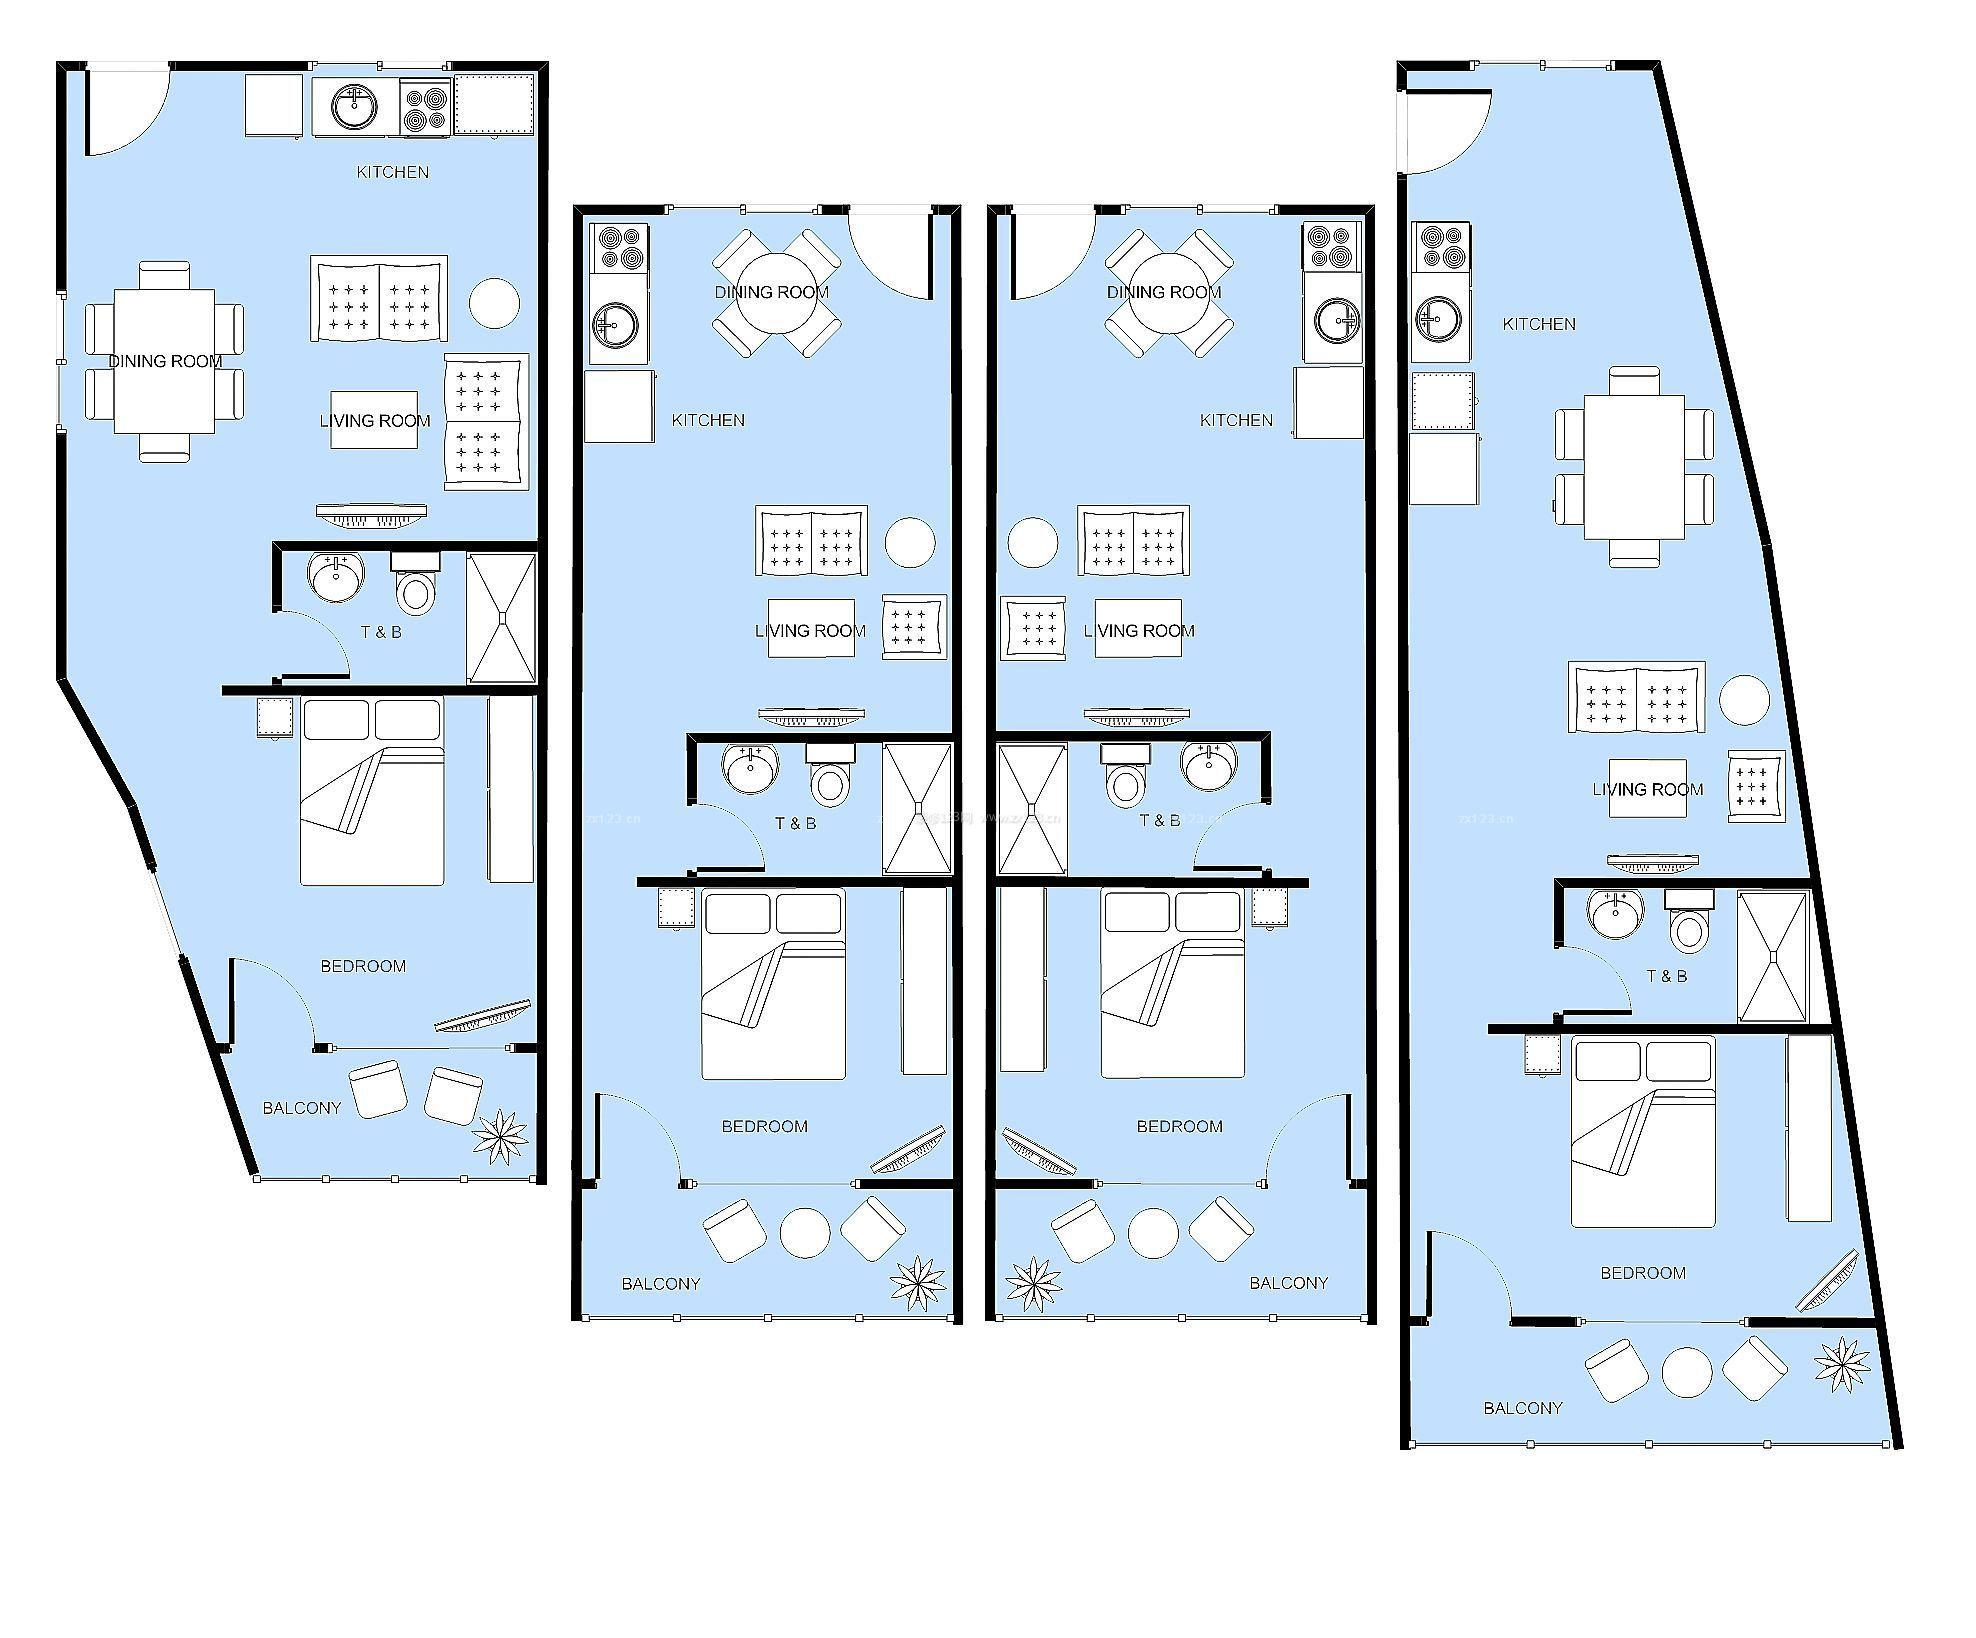 星级酒店客房设计平面图片